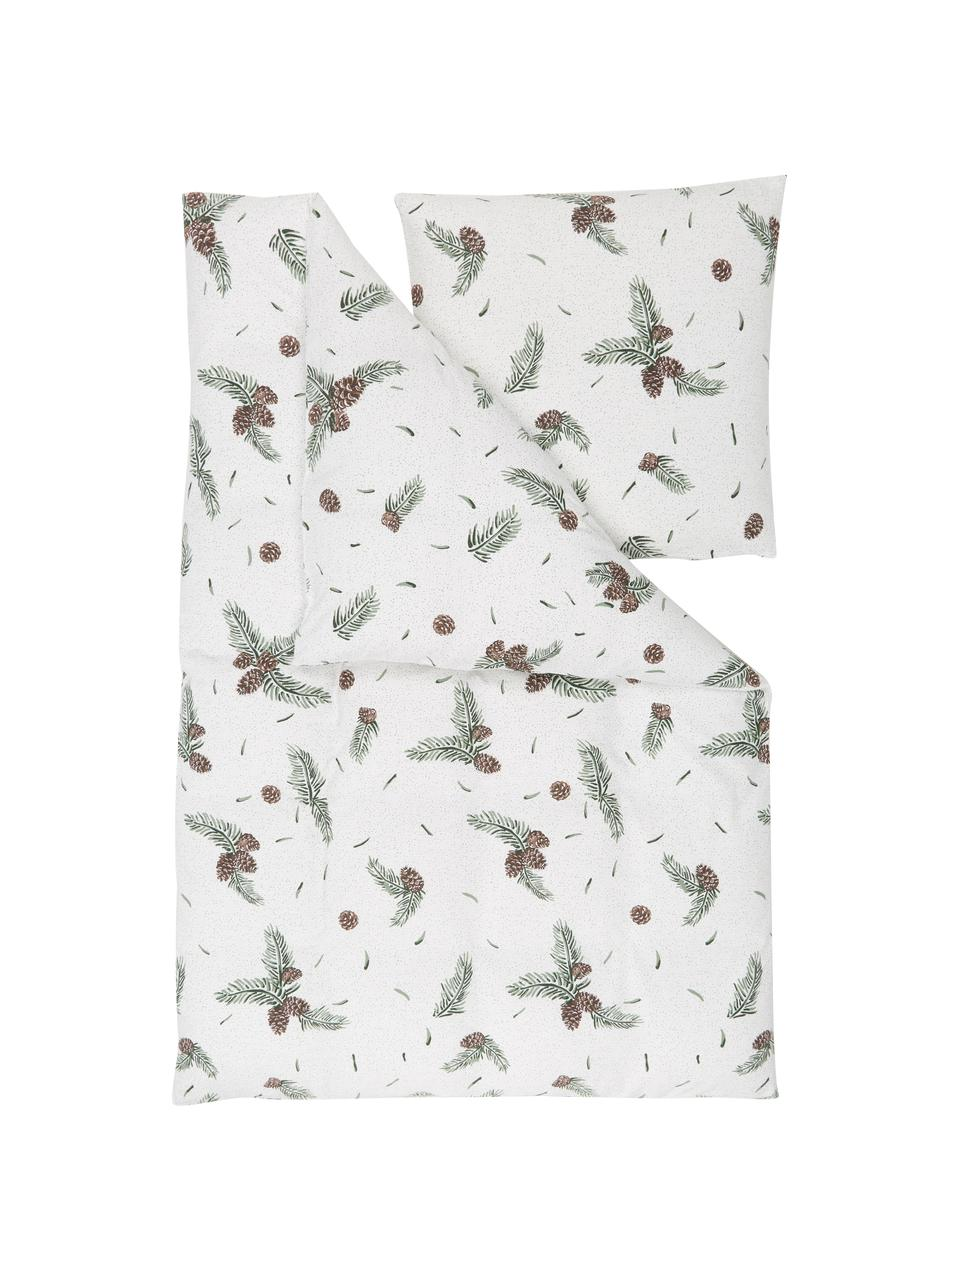 Flanell-Bettwäsche Pinecone mit winterlichem Muster, Webart: Flanell, Weiß, Grün, 135 x 200 cm